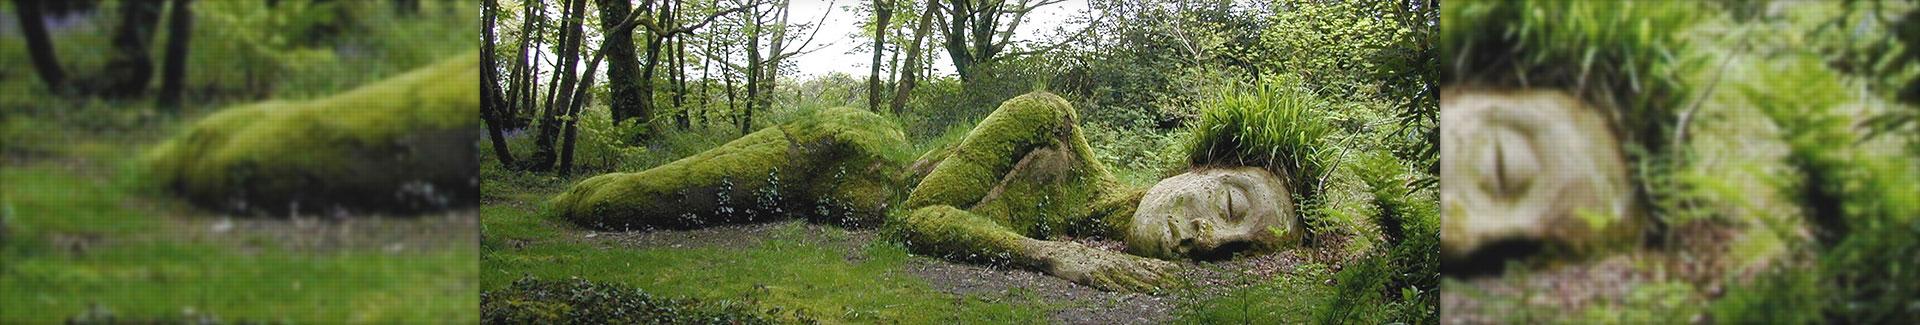 Gardens_of_England1